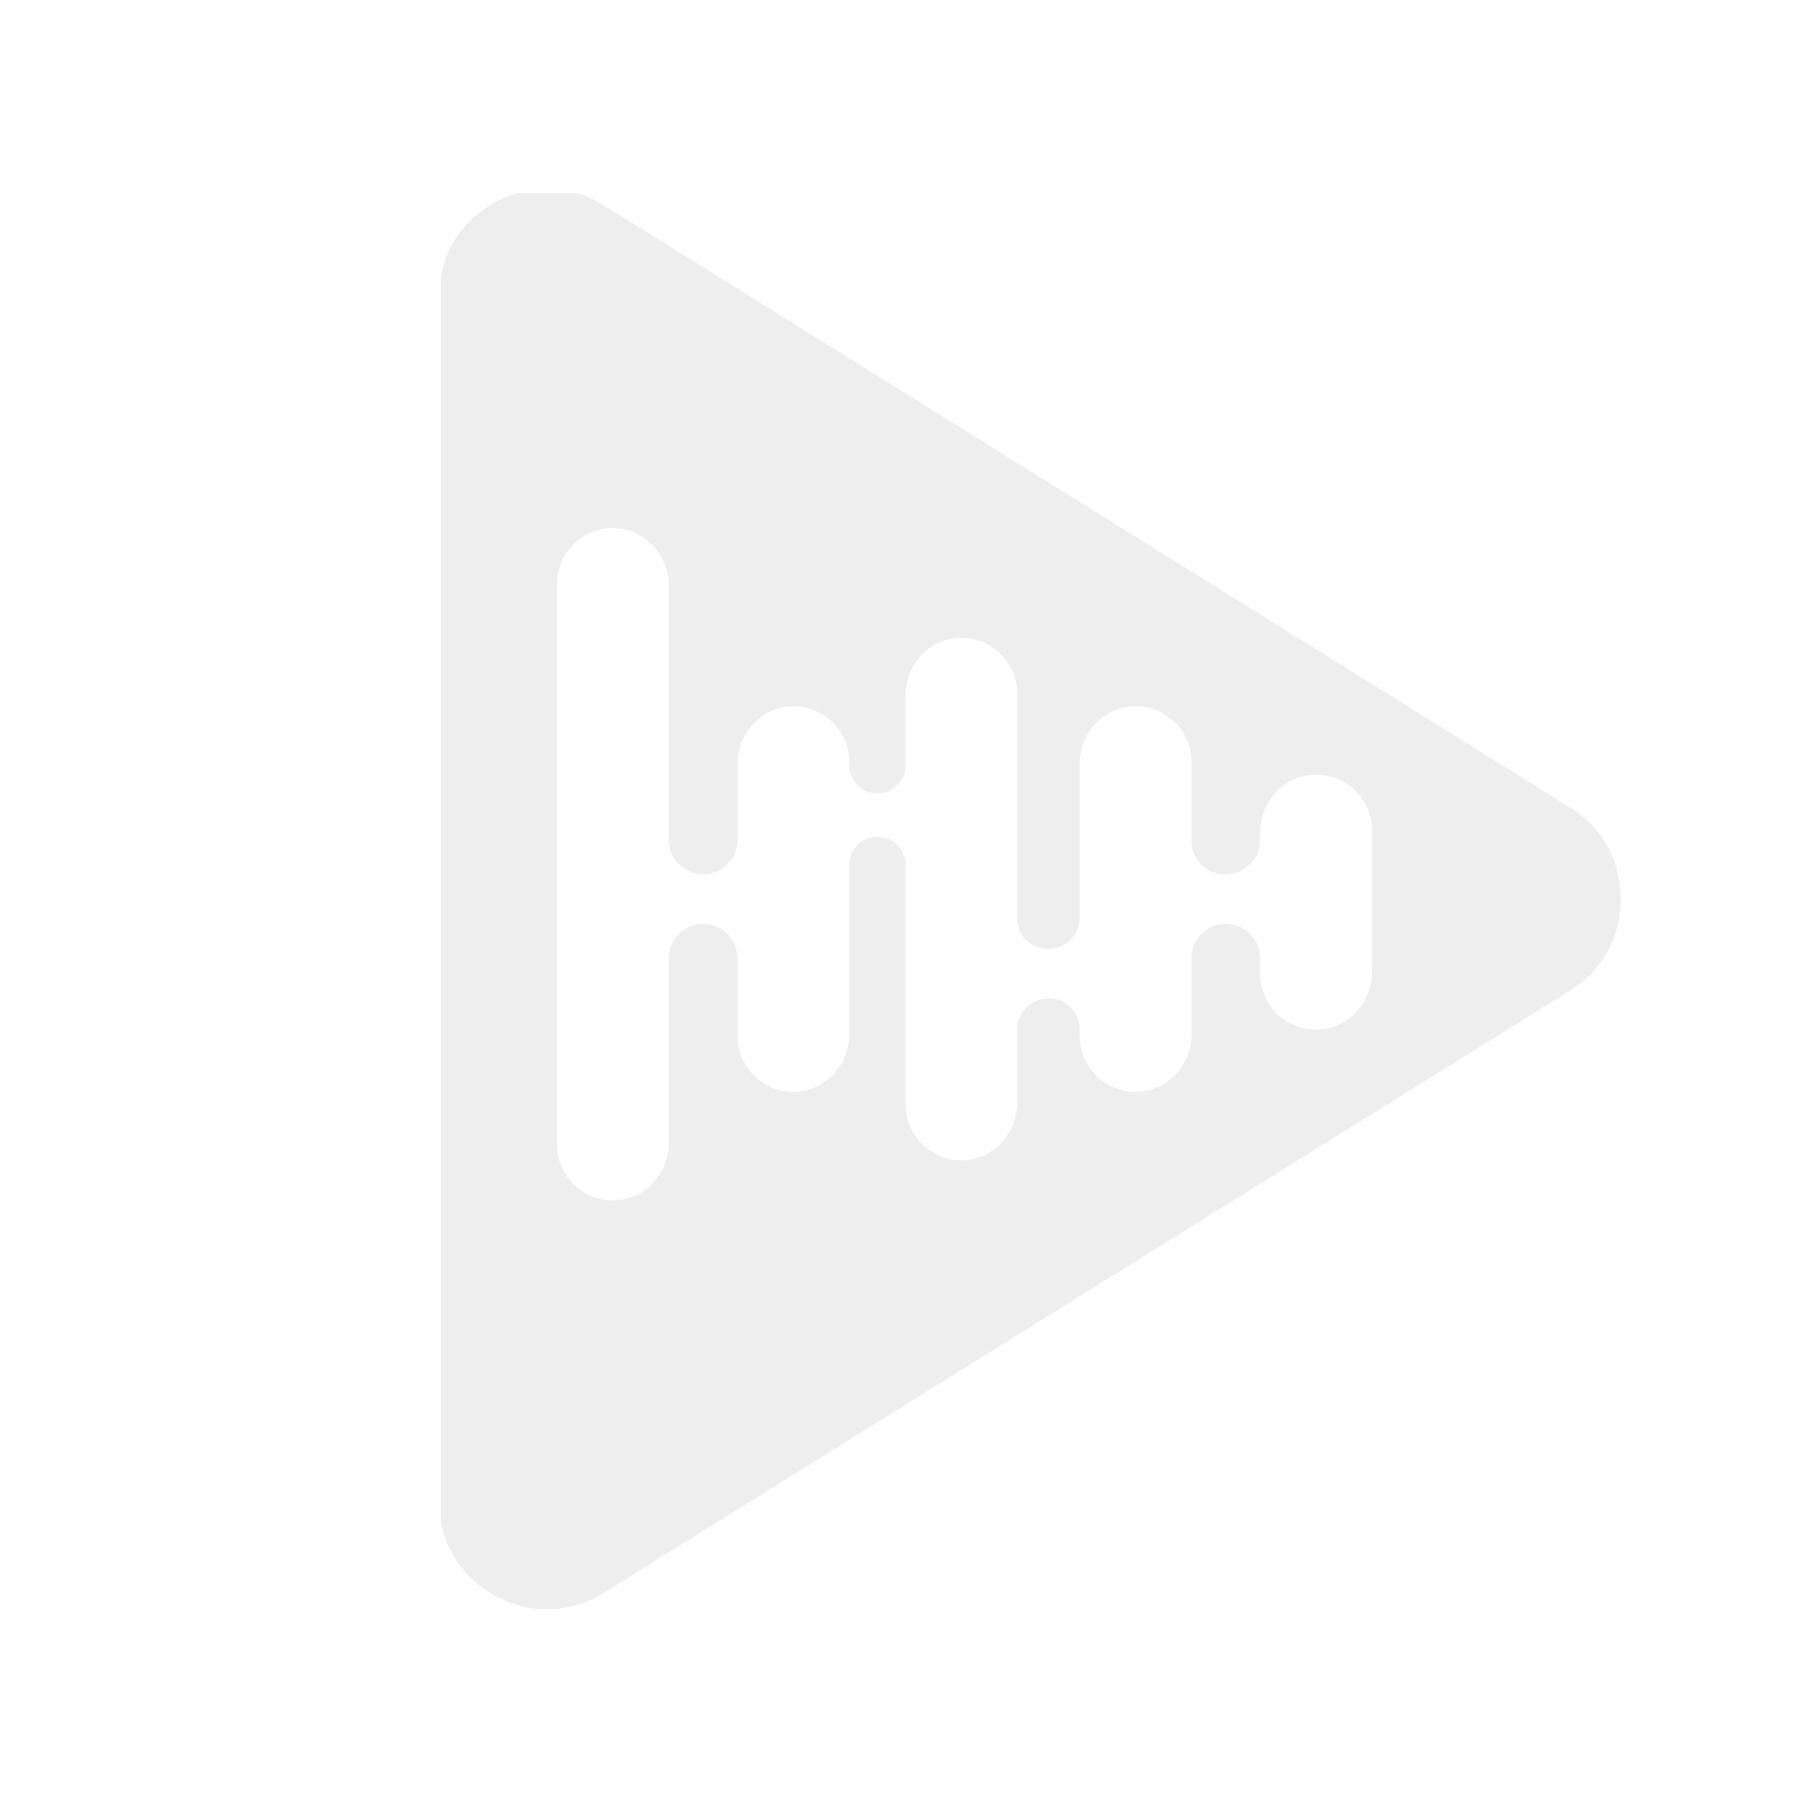 Scosche SoundKase SKC144 - CD-mappe for 144 CD plater, klare lommer